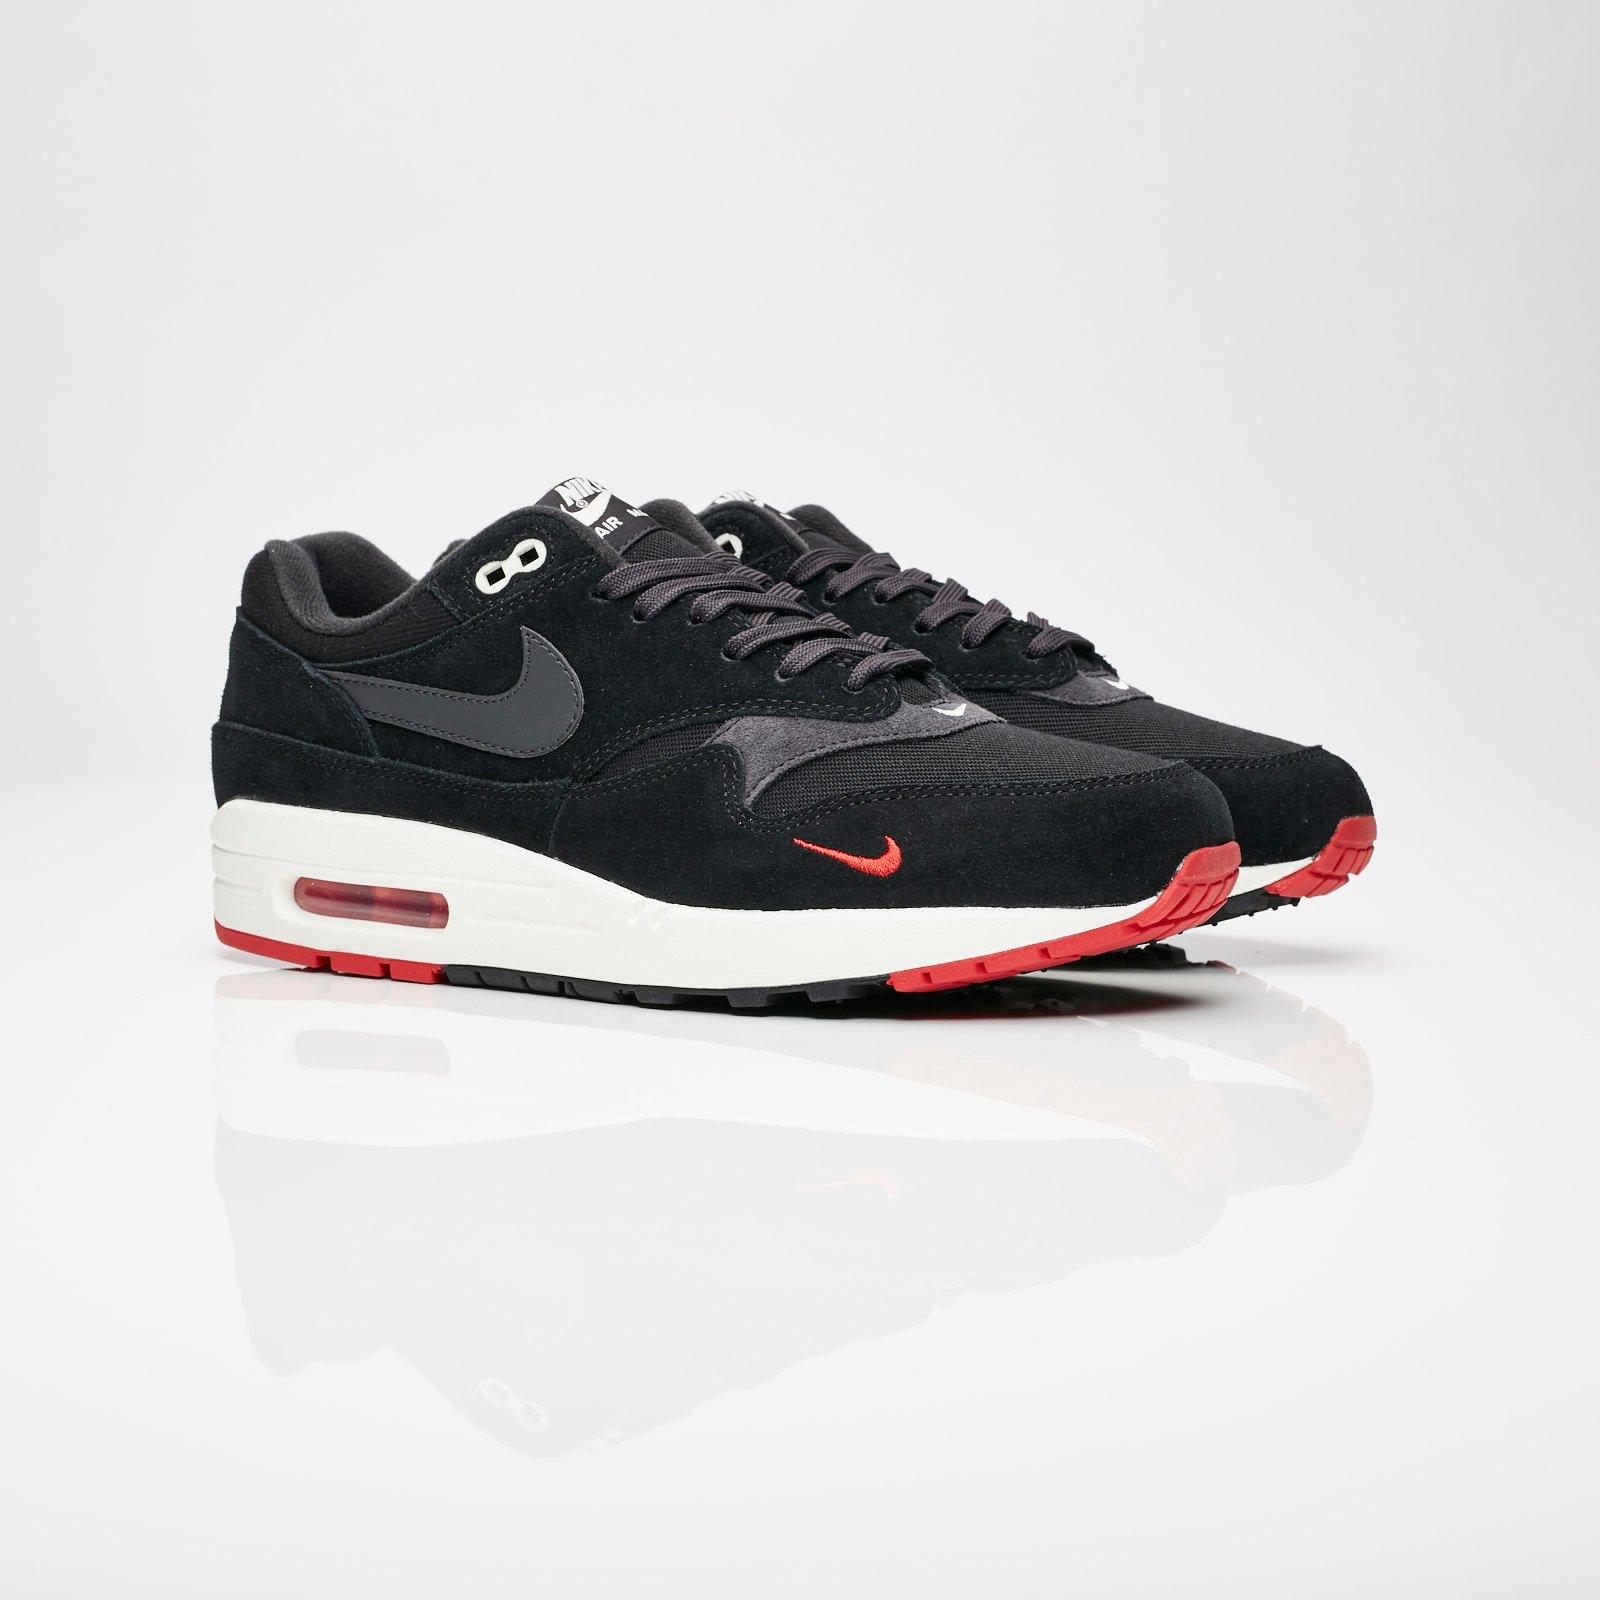 Nike Air Max 1 Premium 875844 007 Sneakersnstuff I